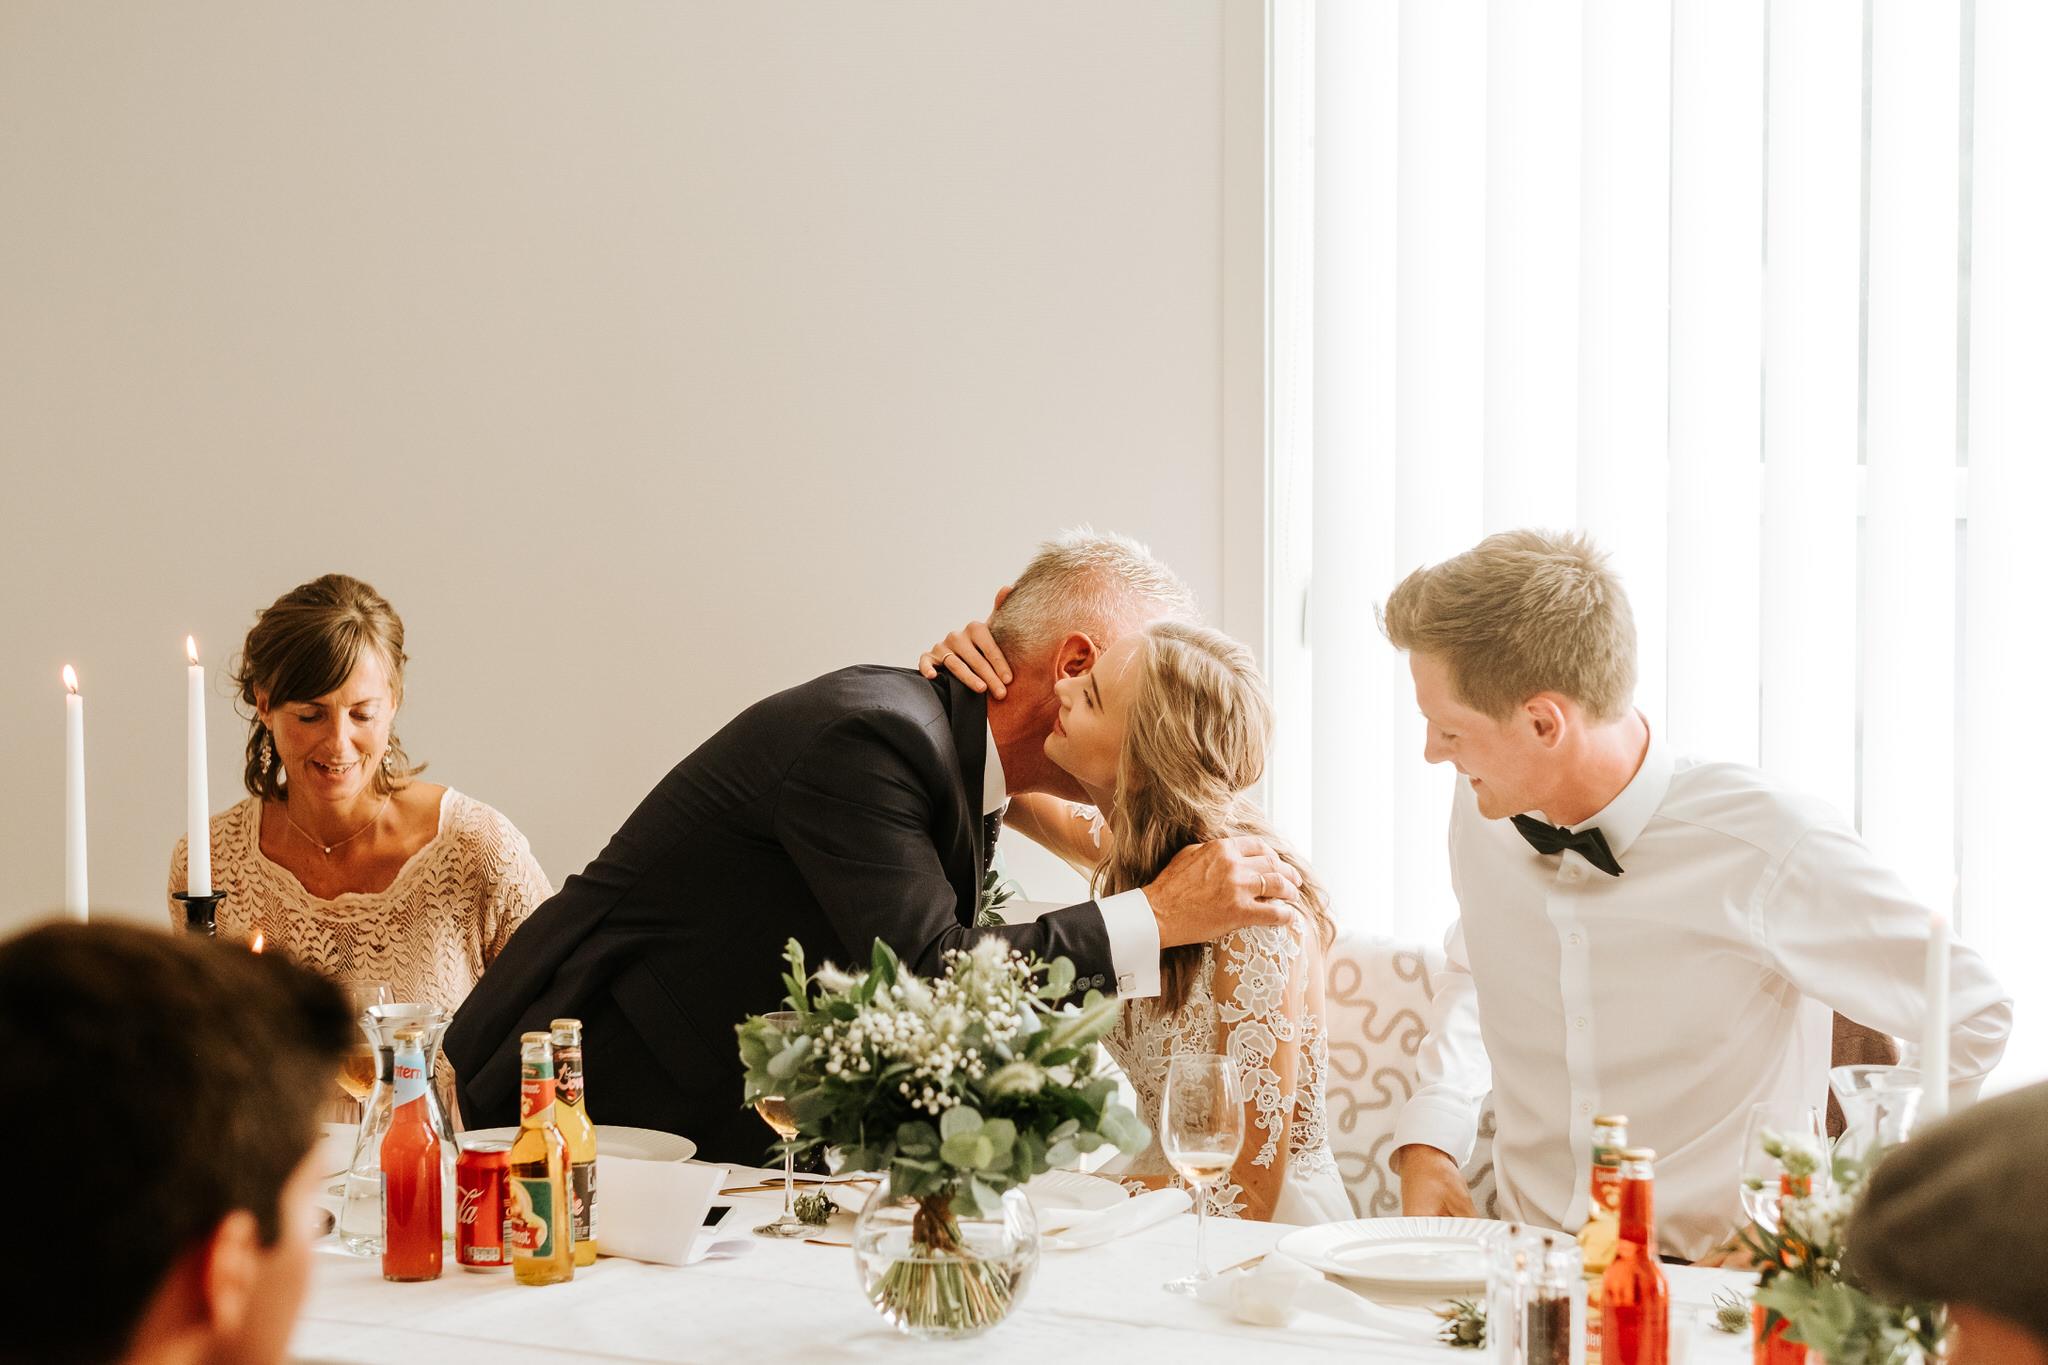 sokndal egersund bryllupsfotograf 049.JPG